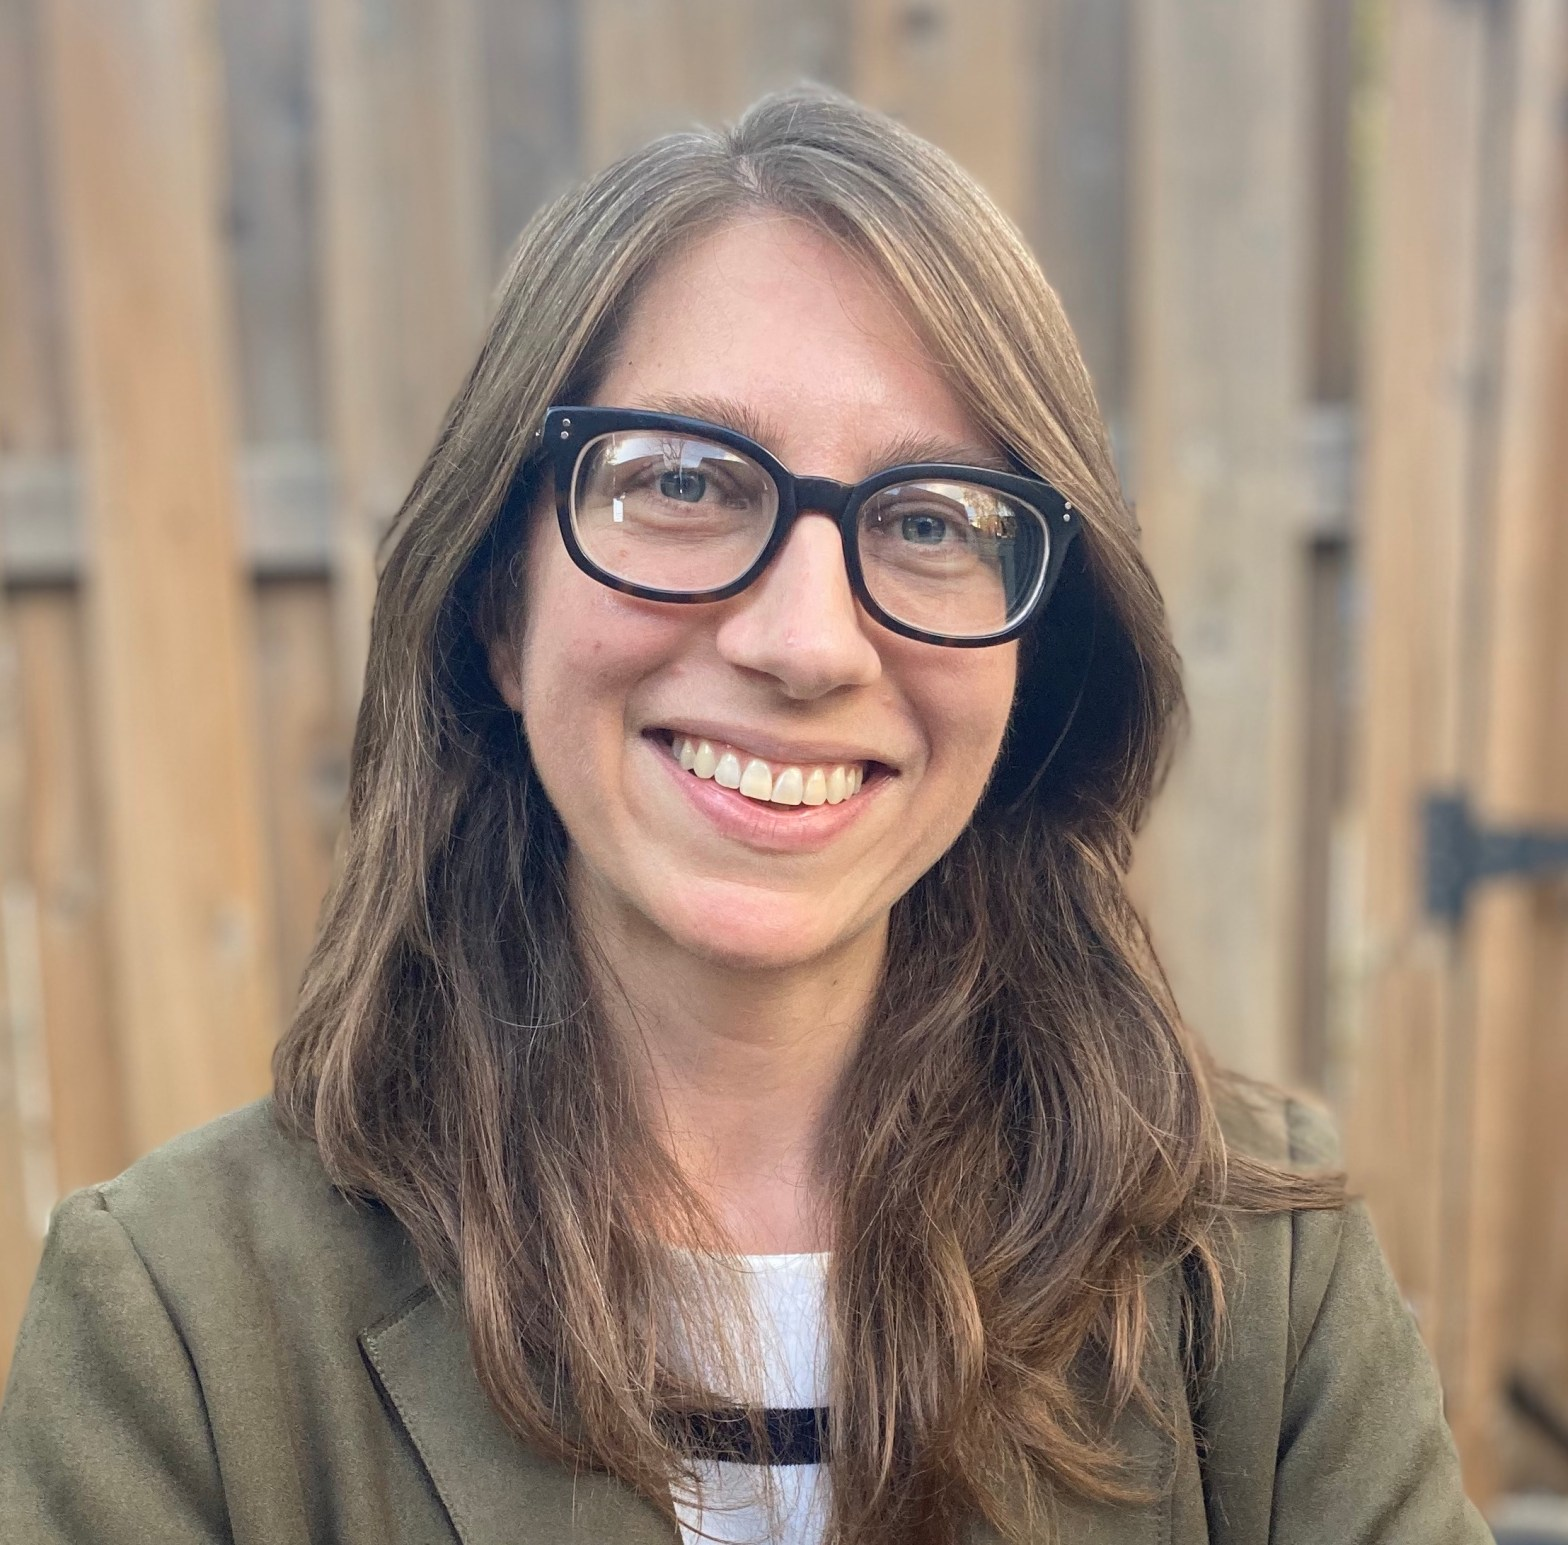 Dr. Becca Neel, Assistant Professor